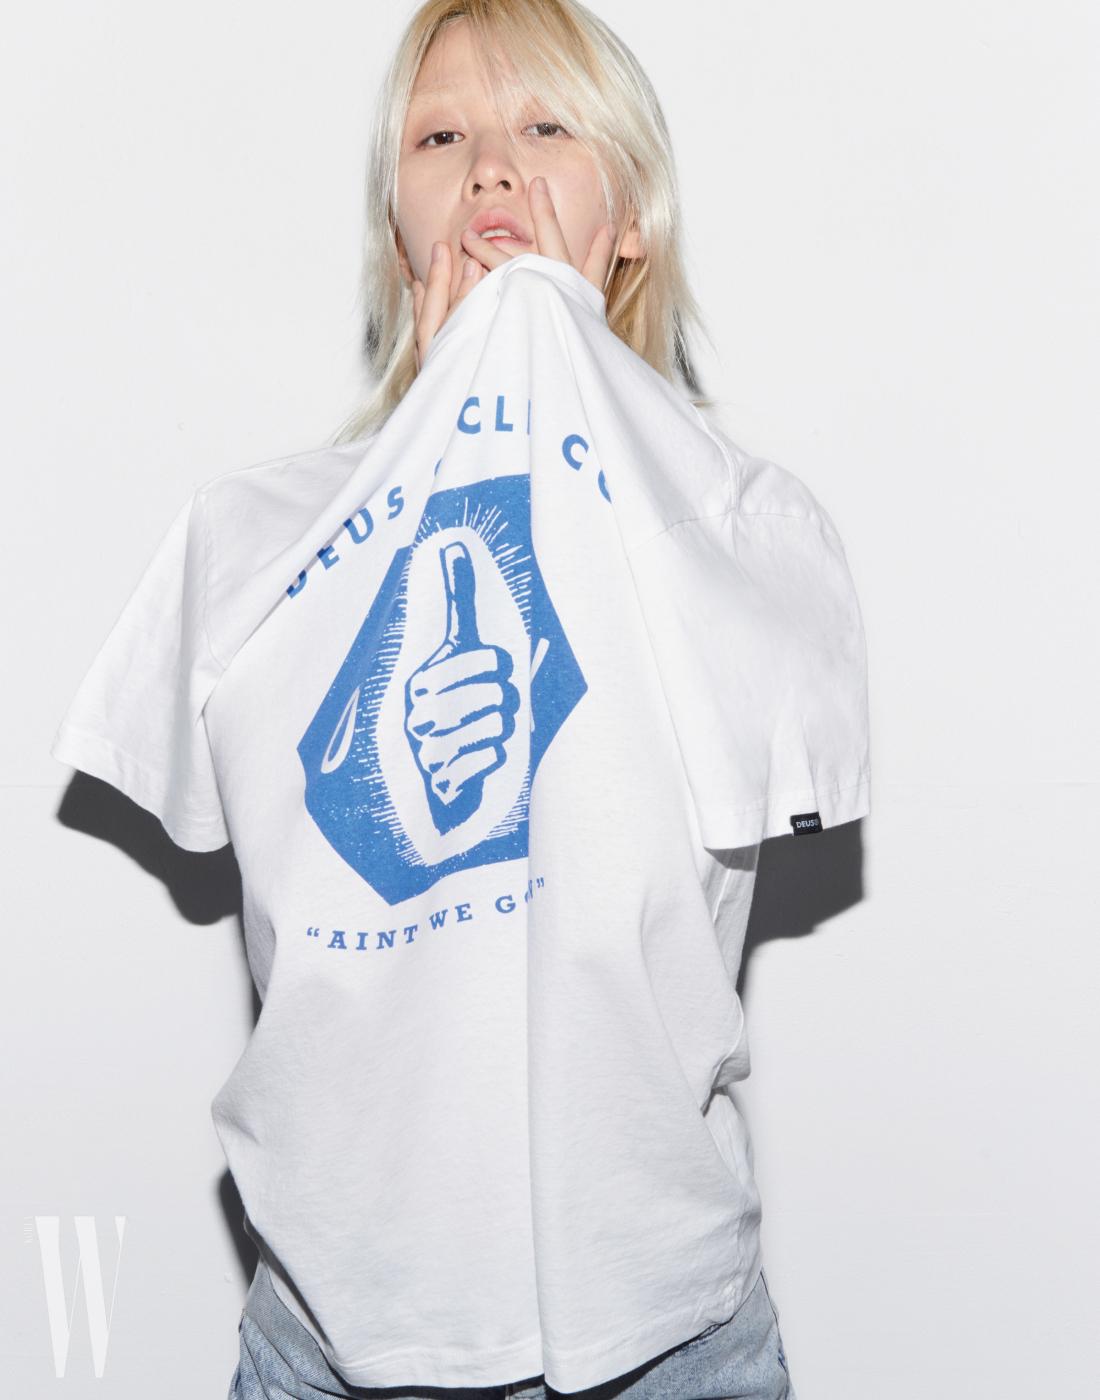 '엄지척'이 그려진 흰 티셔츠는 데우스 by 웍스아웃 제품. 5만9천원. 데님 팬츠는 타미 진 제품. 19만8천원.